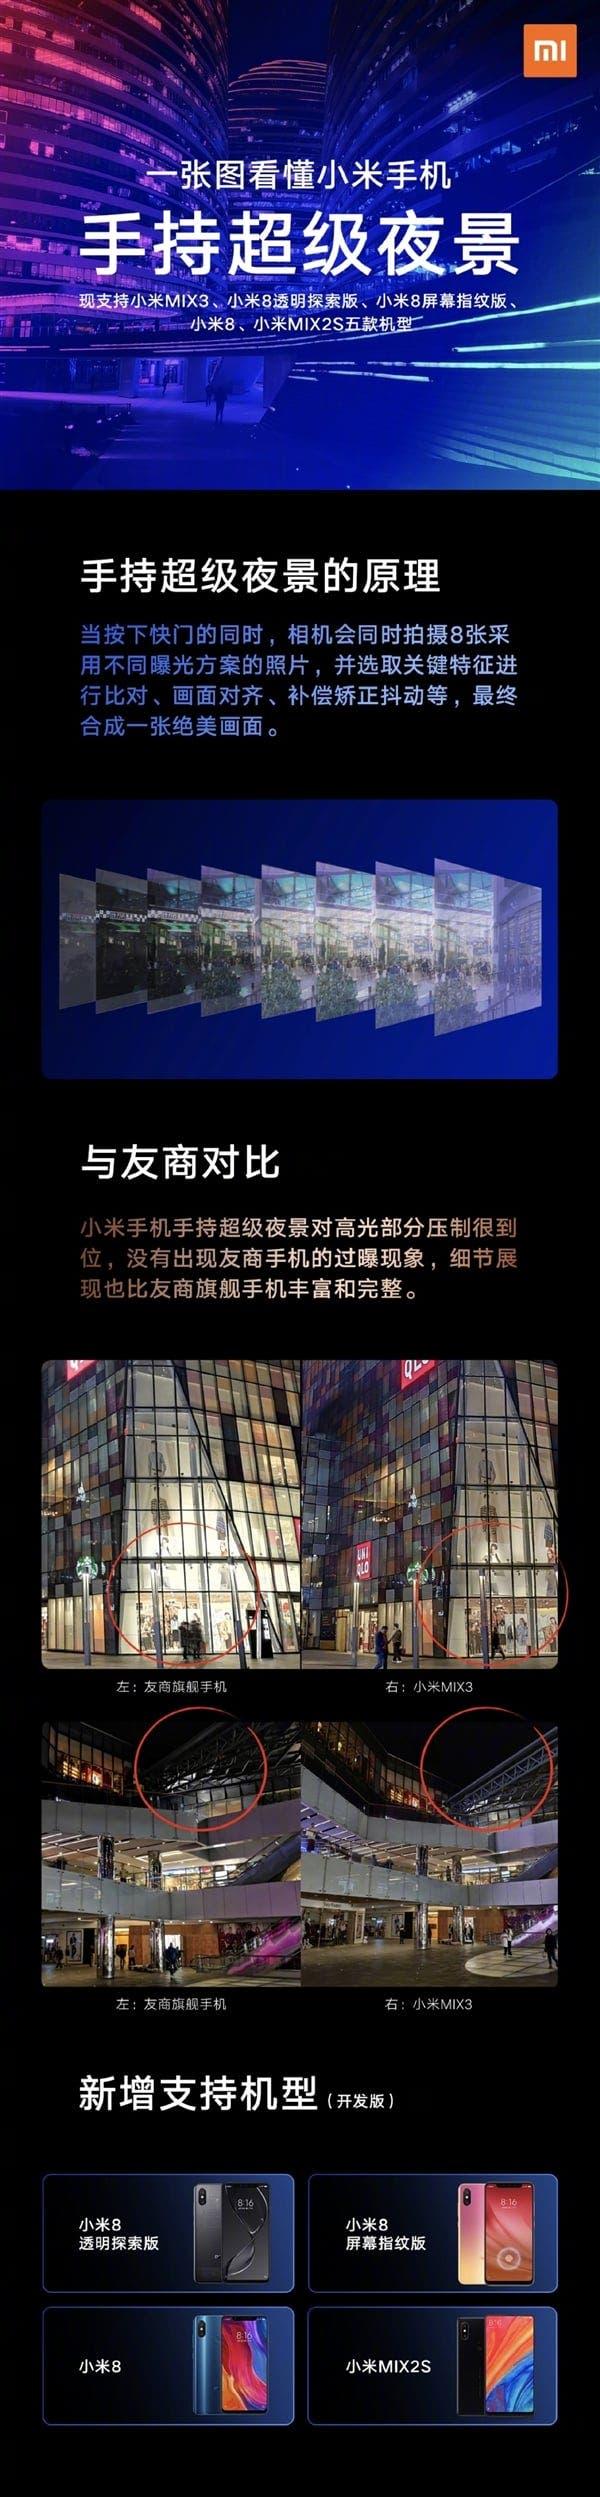 Xiaomi mi MIX 3s camera update